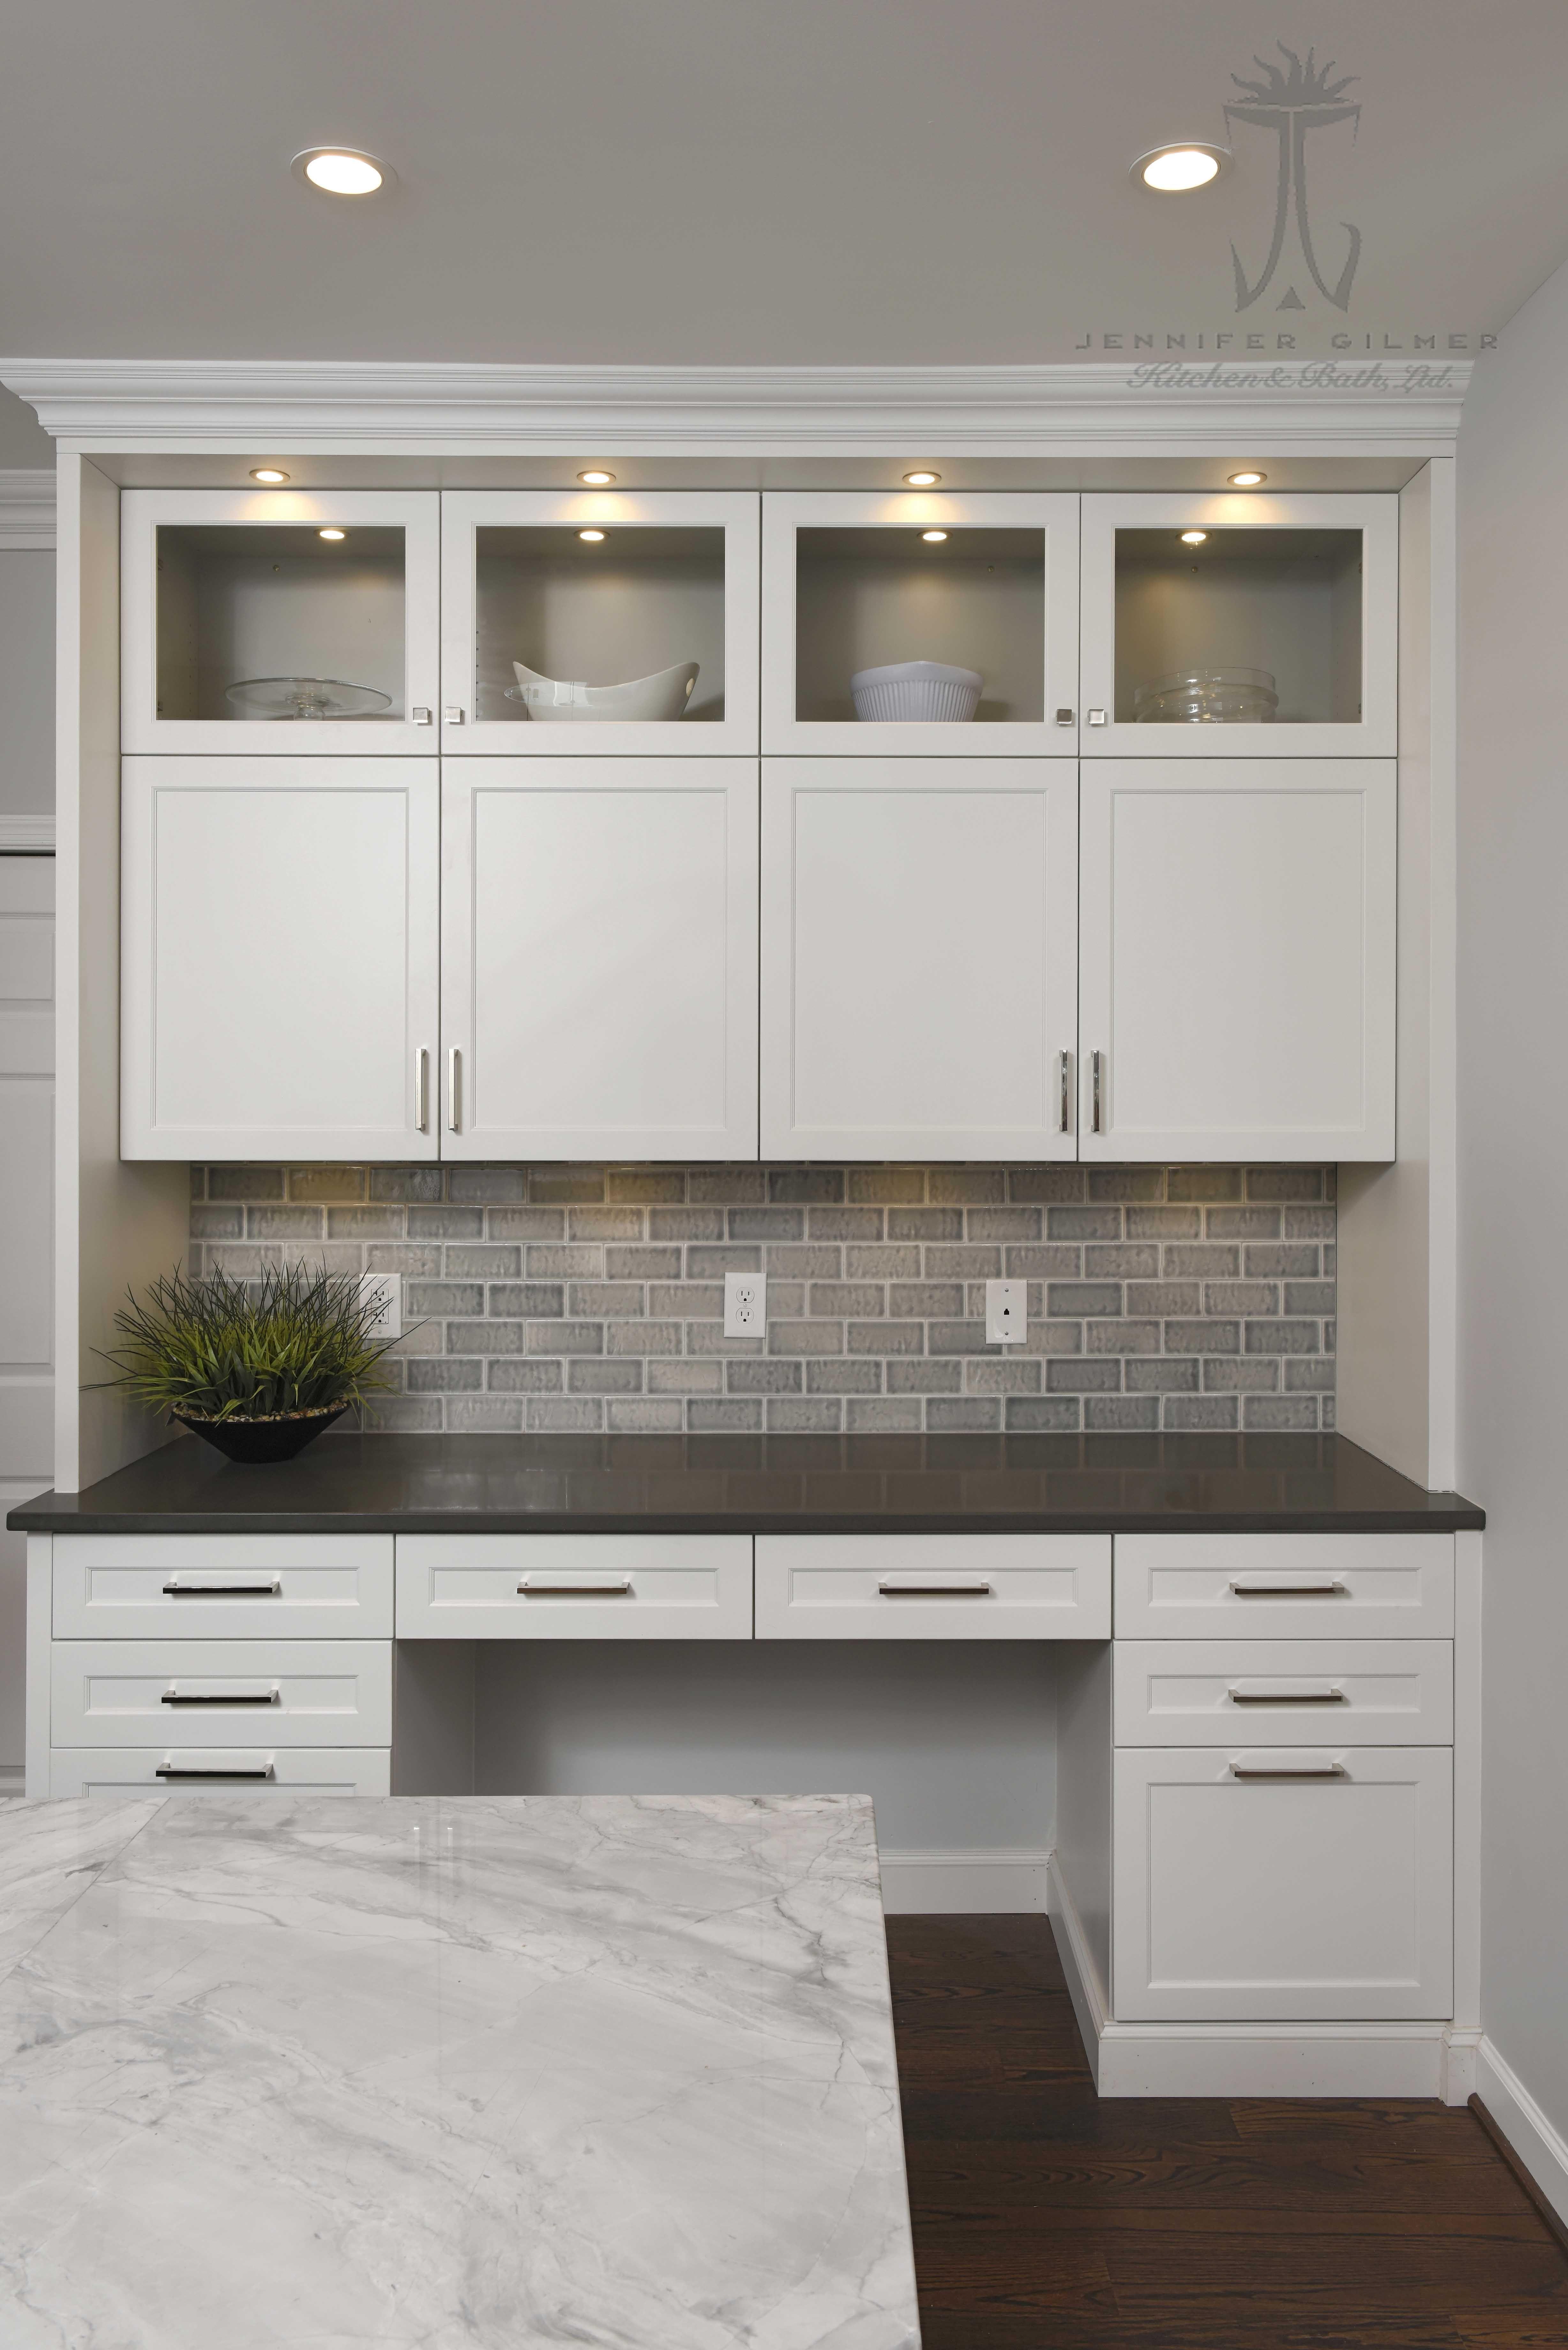 #PaulBentham4JenniferGilmer #KitchenDesigns #LuxuryKitchens  Http://www.gilmerkitchens.com/ · KnobBethesda MarylandKitchen DesignsPolished  ...